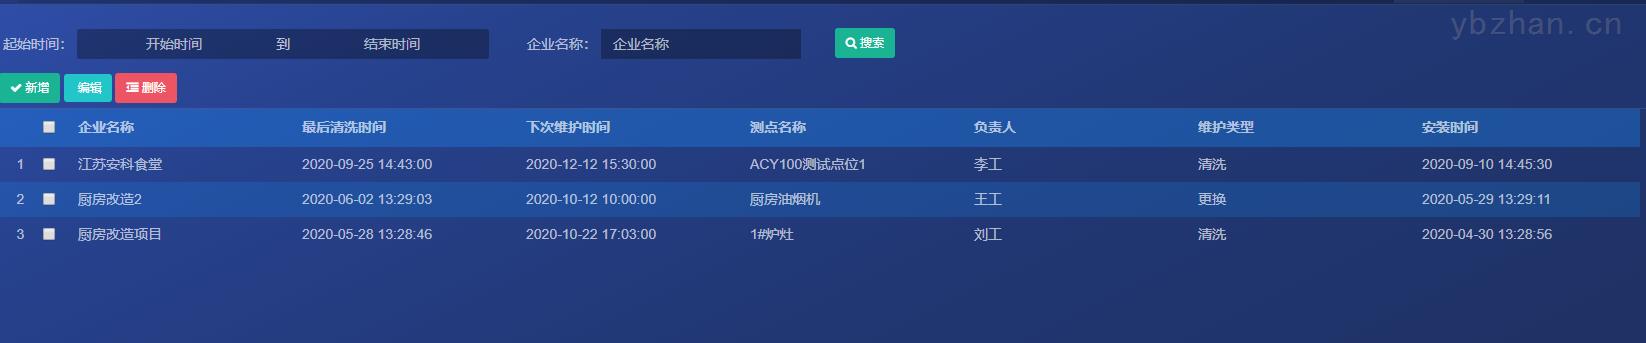 贵州六盘水饭馆油烟监测云平台